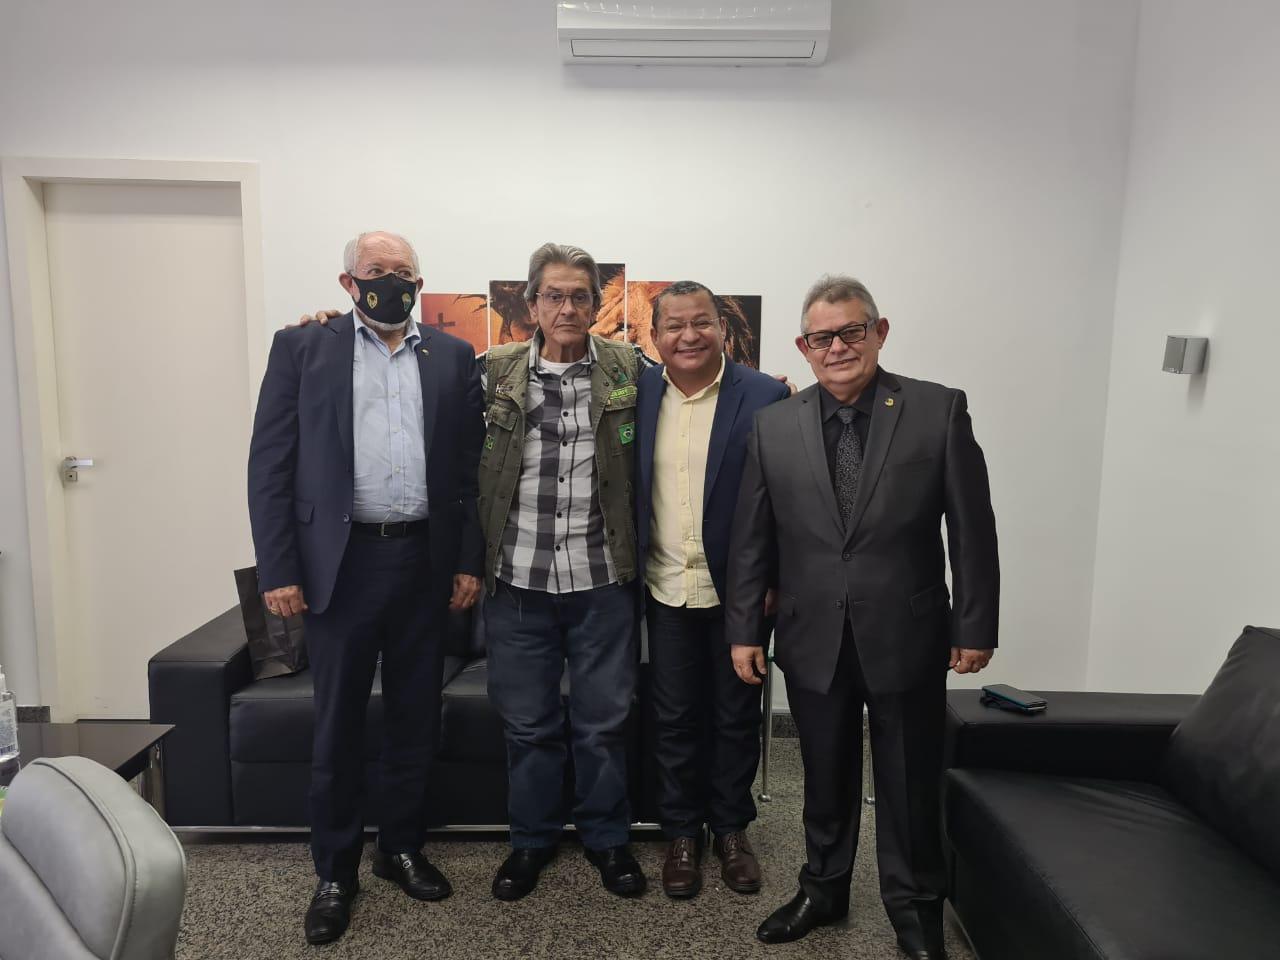 WhatsApp Image 2021 05 27 at 14.54.25 1 - CONFIRMADO: Roberto Jeferson define Nilvan Ferreira como novo presidente do PTB na Paraíba